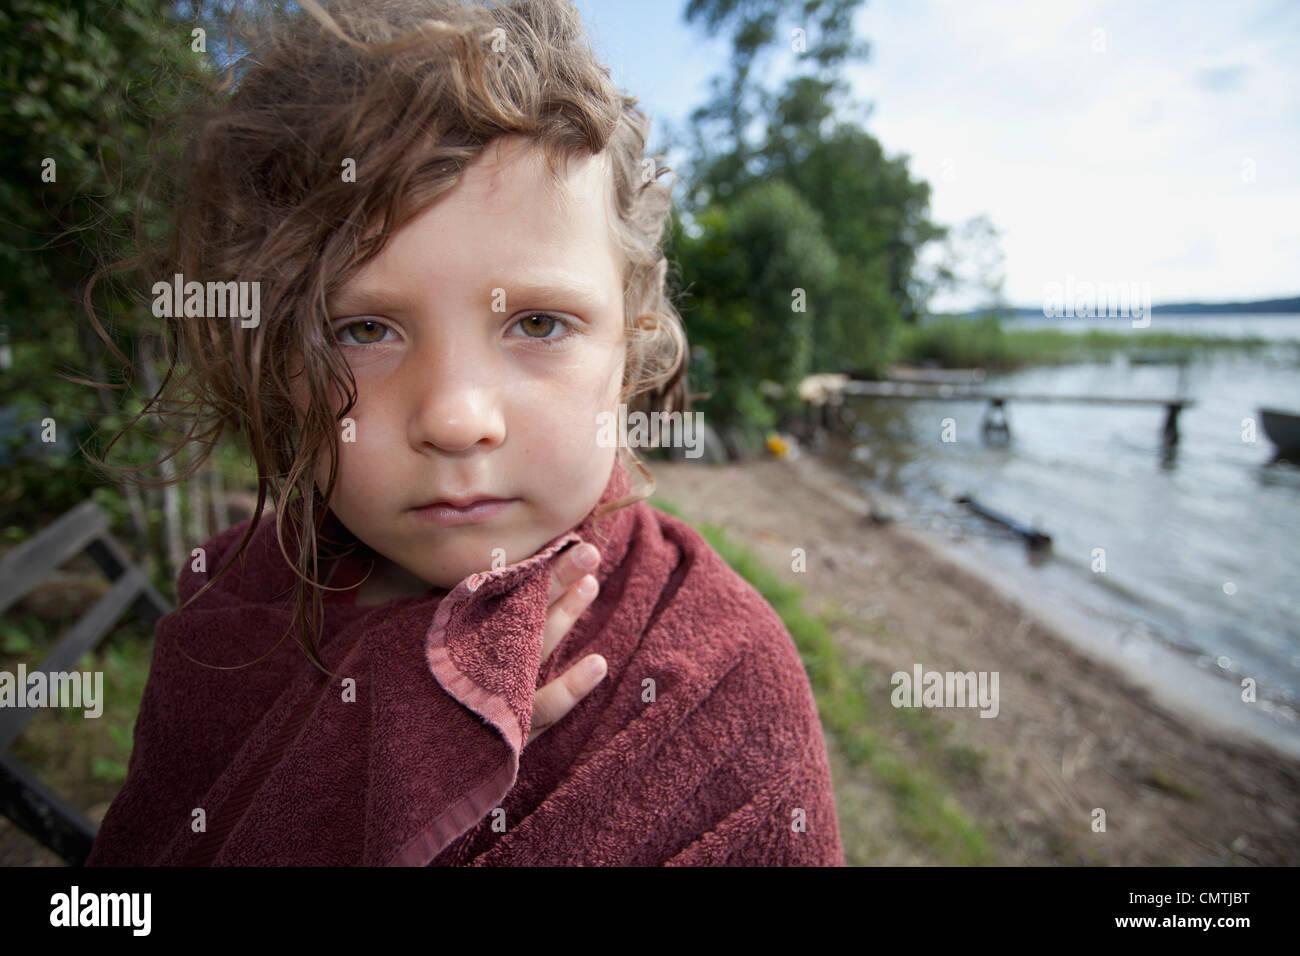 Niño (6-7) envuelto en toalla Imagen De Stock